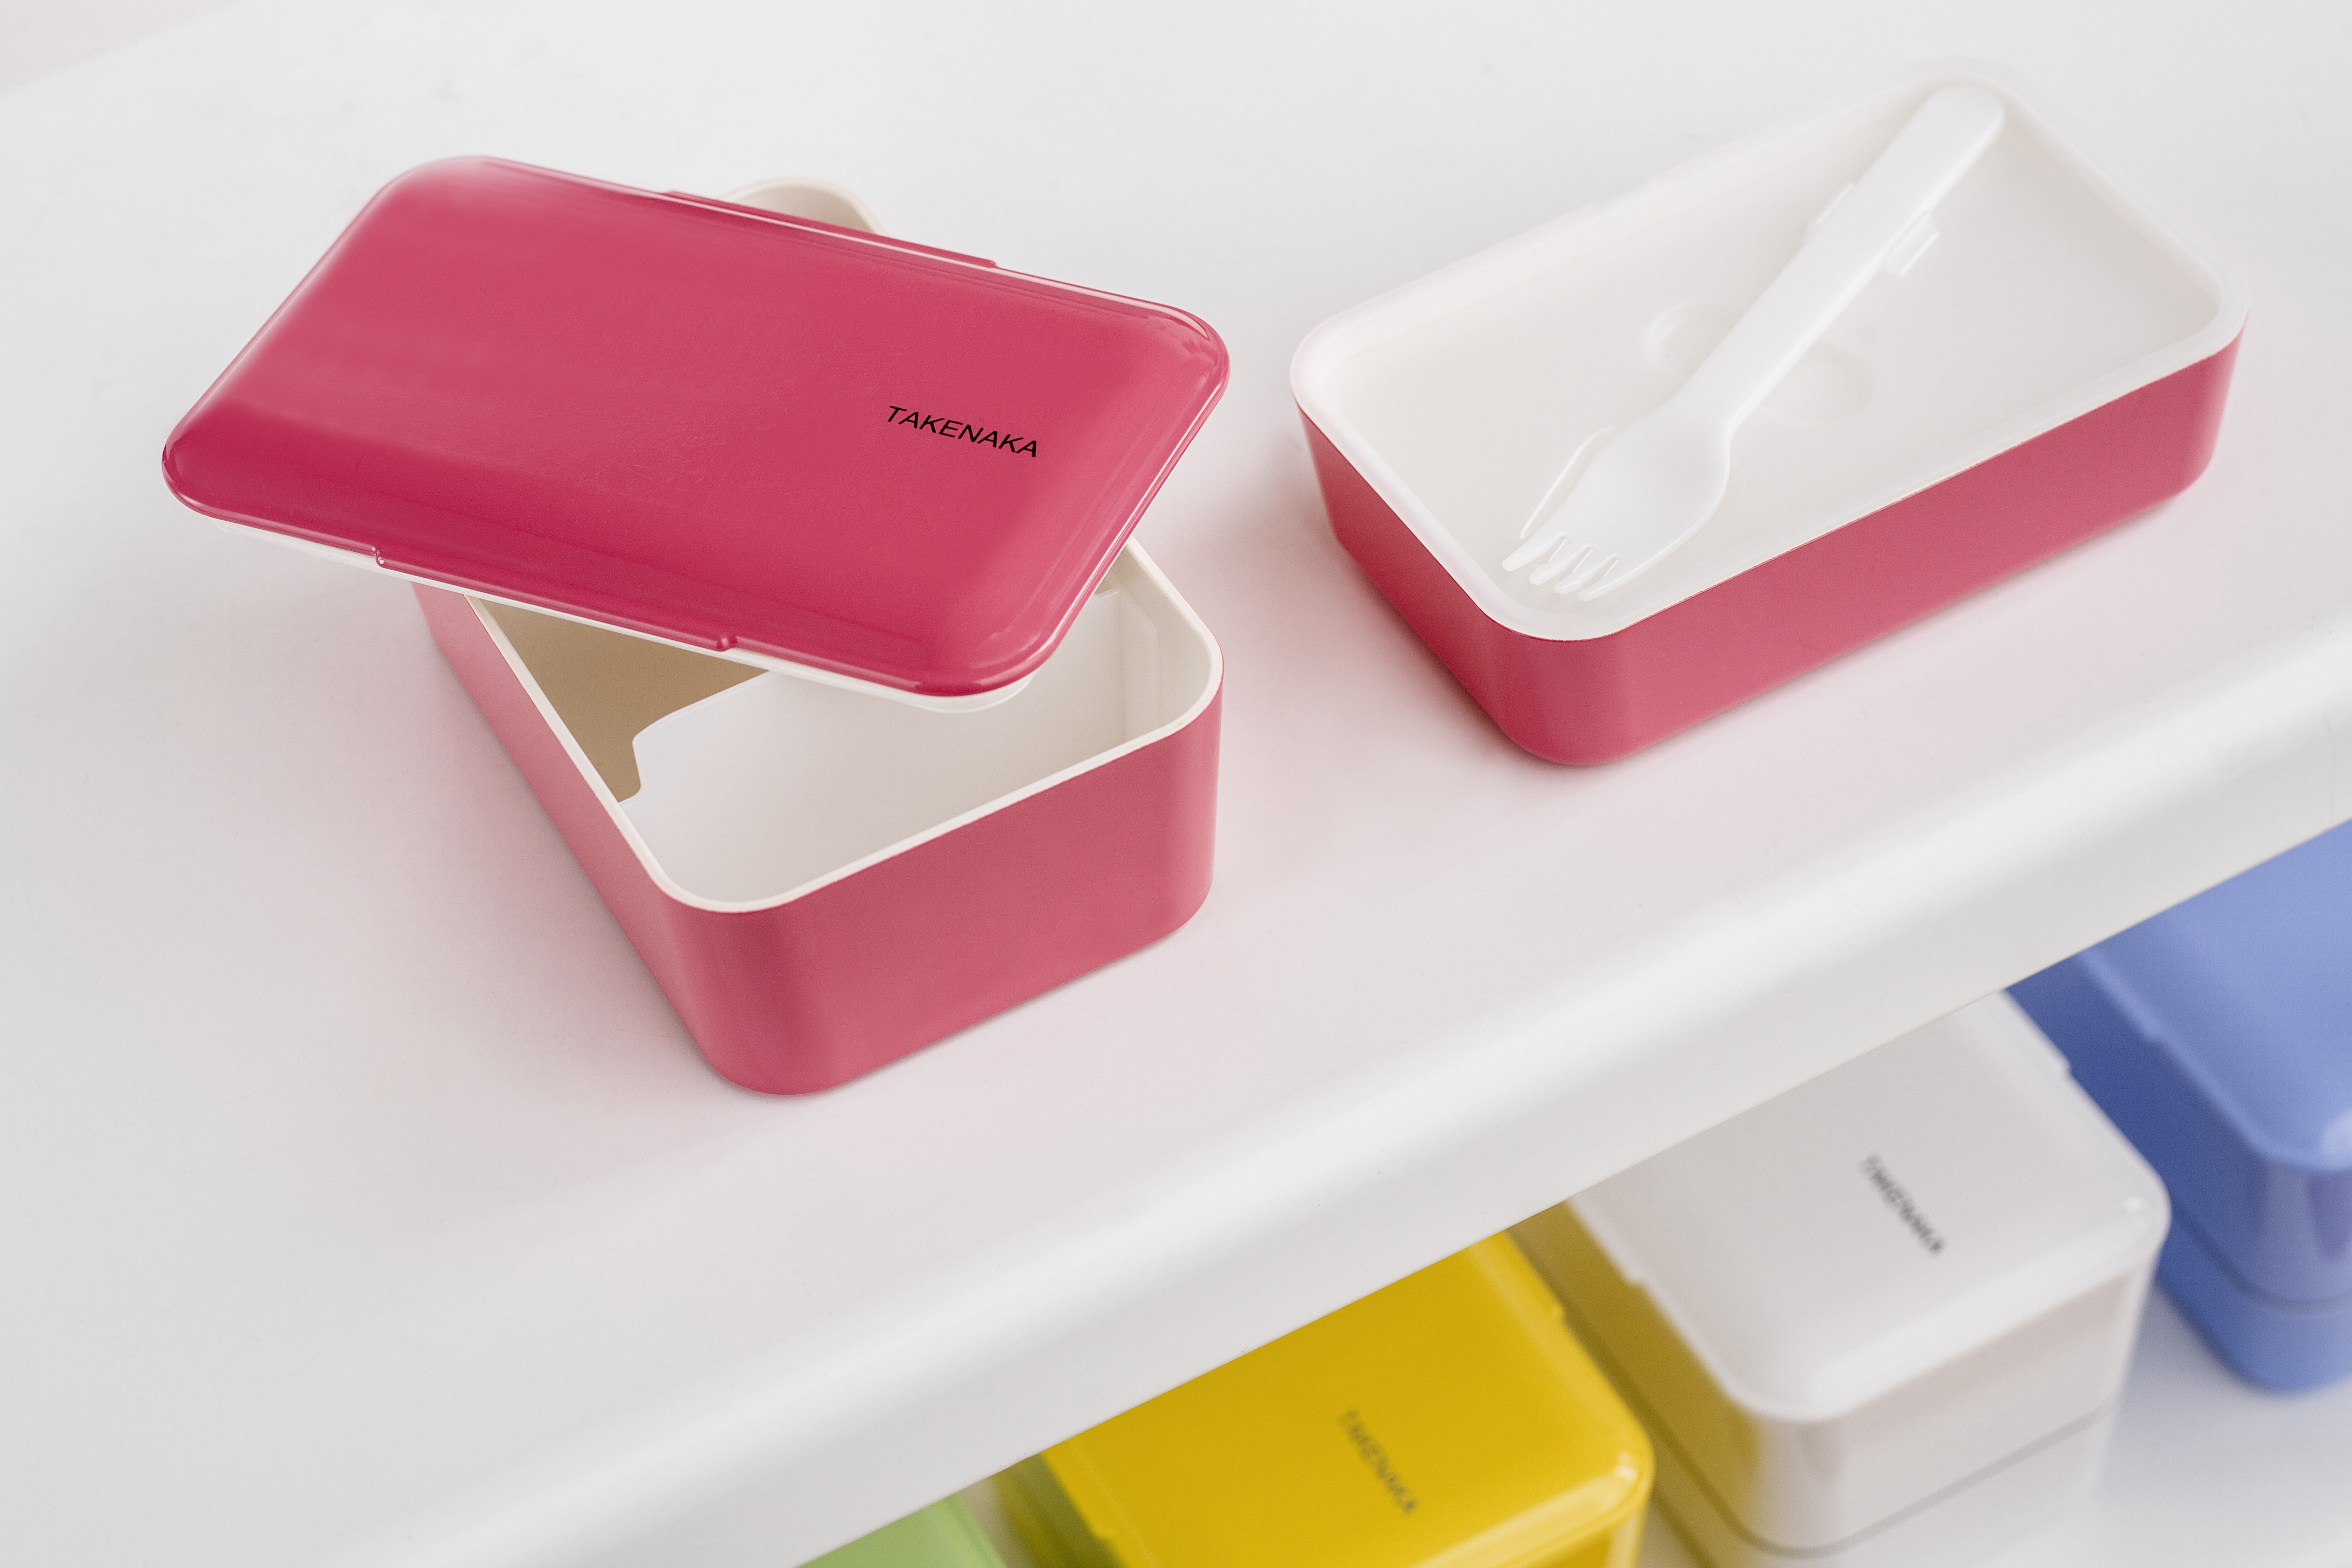 bento-box-takenaka ▷ Parafernalia portátil para conocedores de alimentos y bebidas